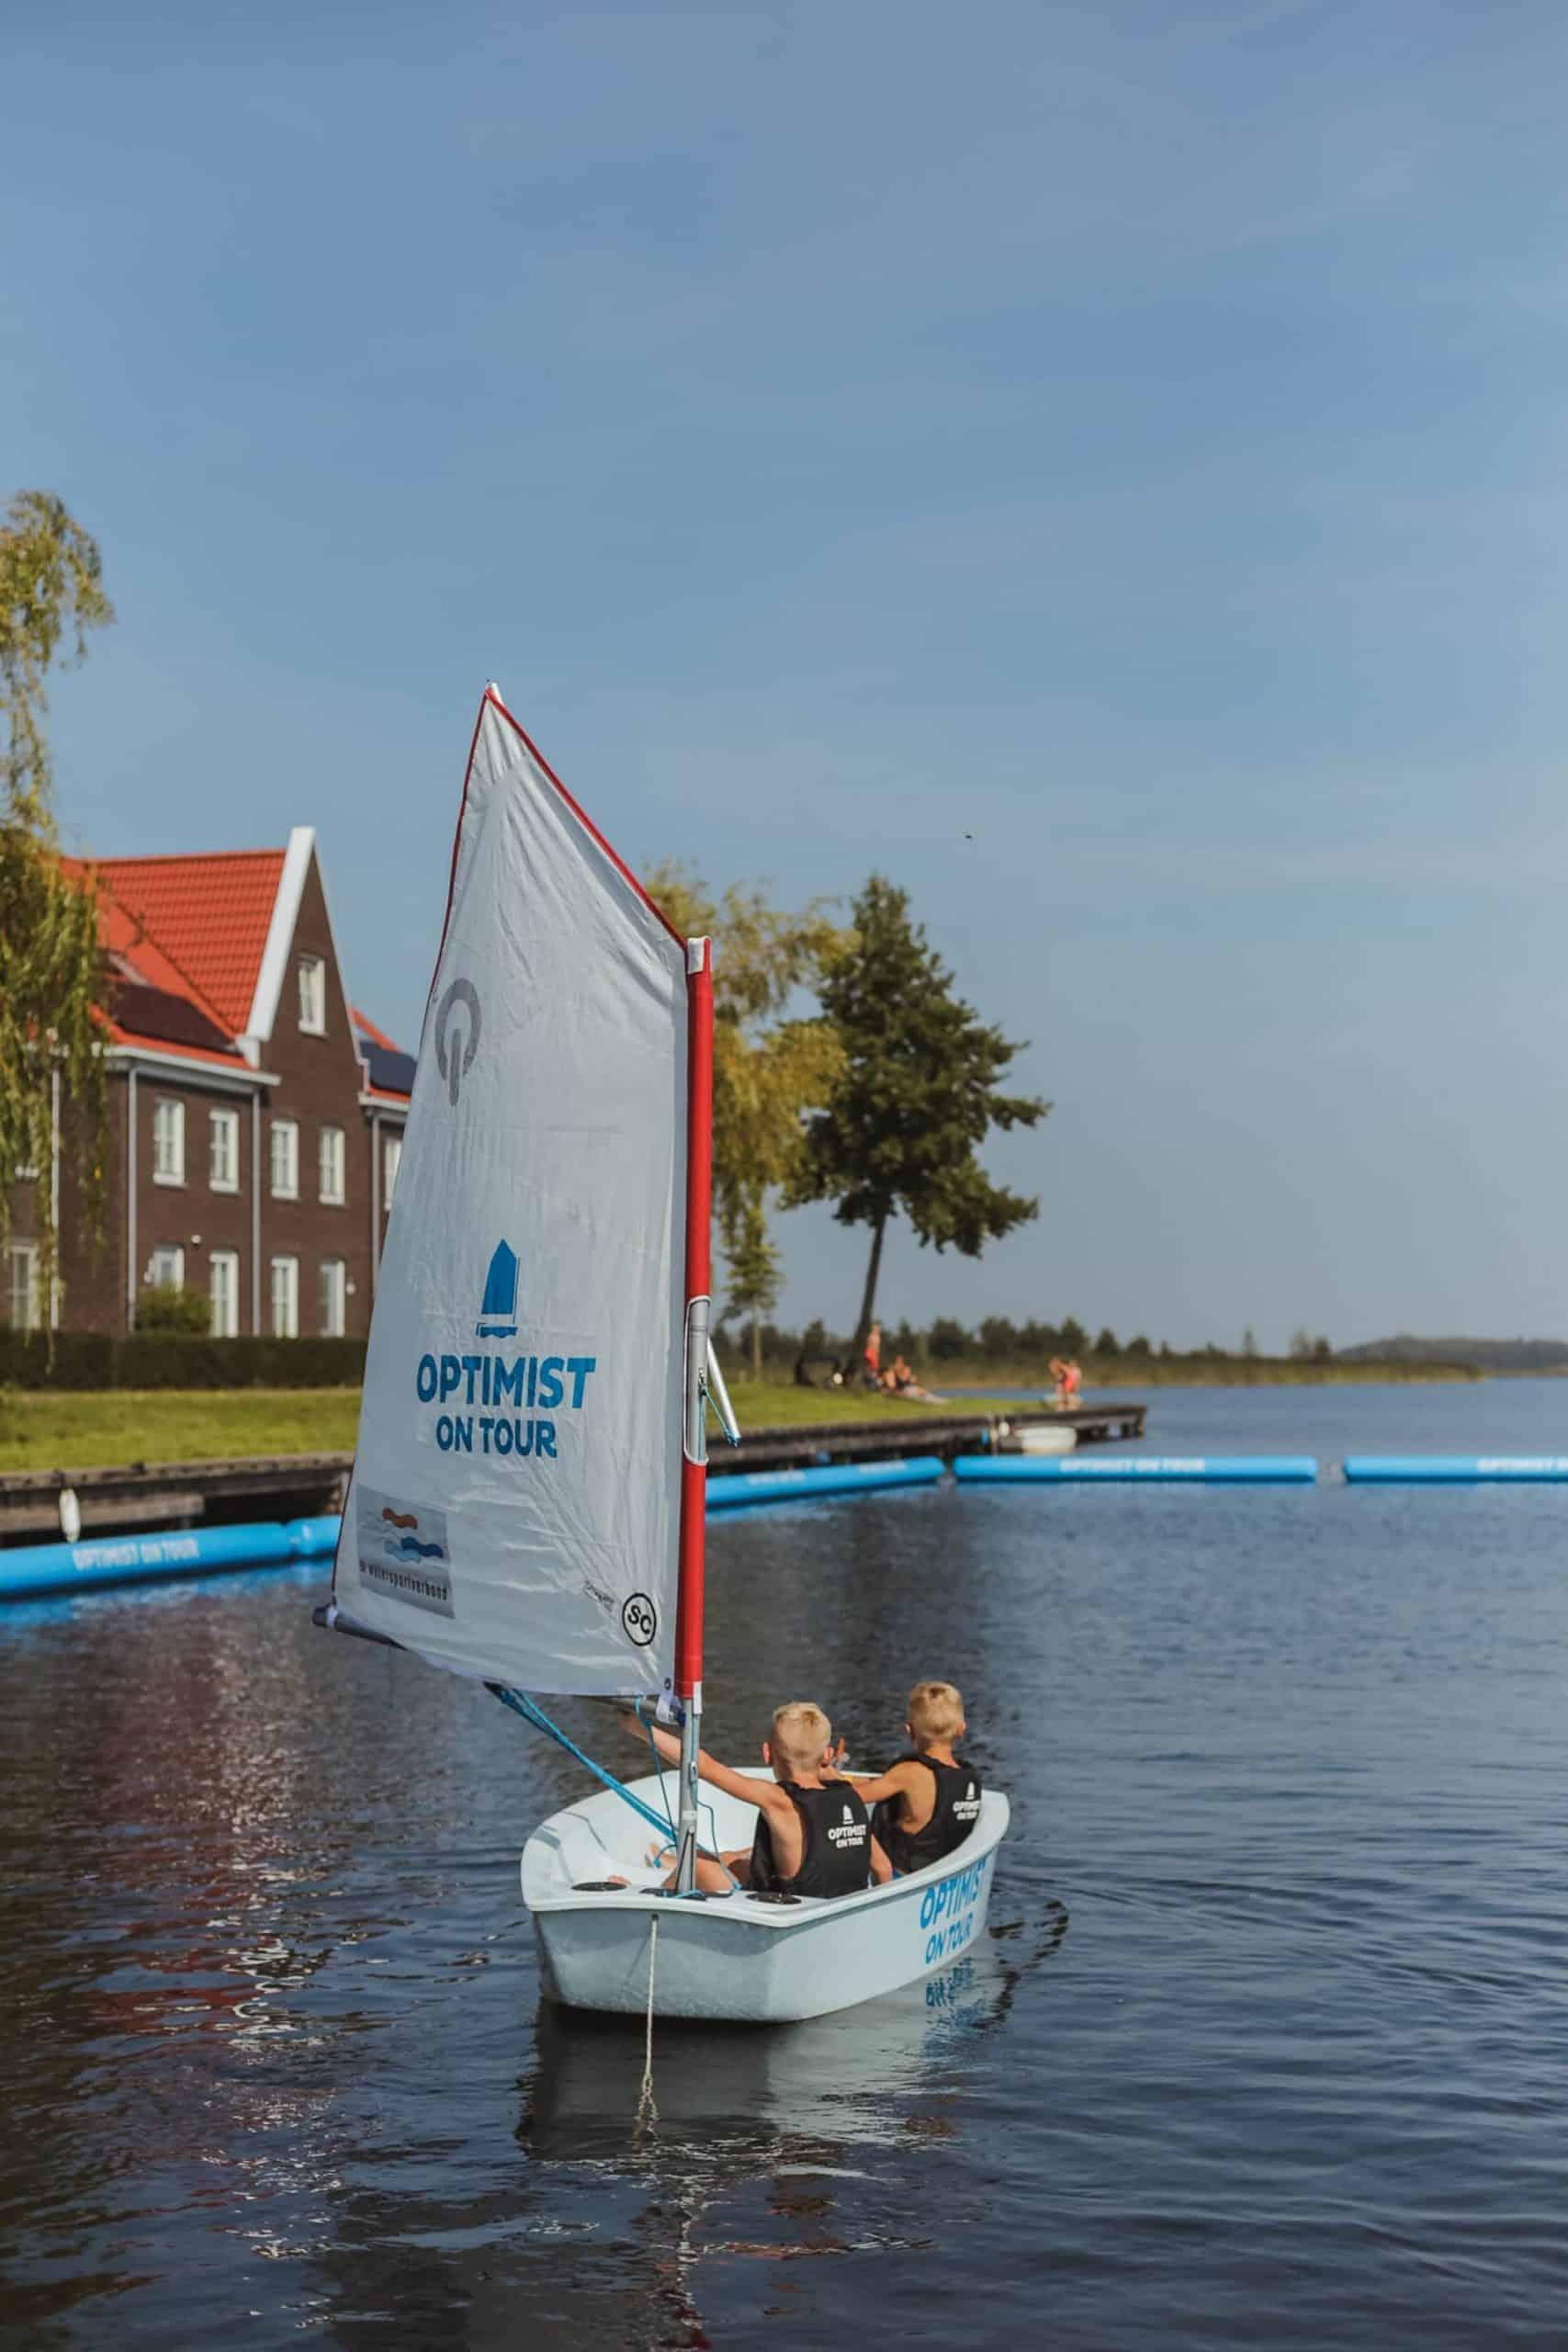 evenement fotografie case optimist on tour in Meerstad